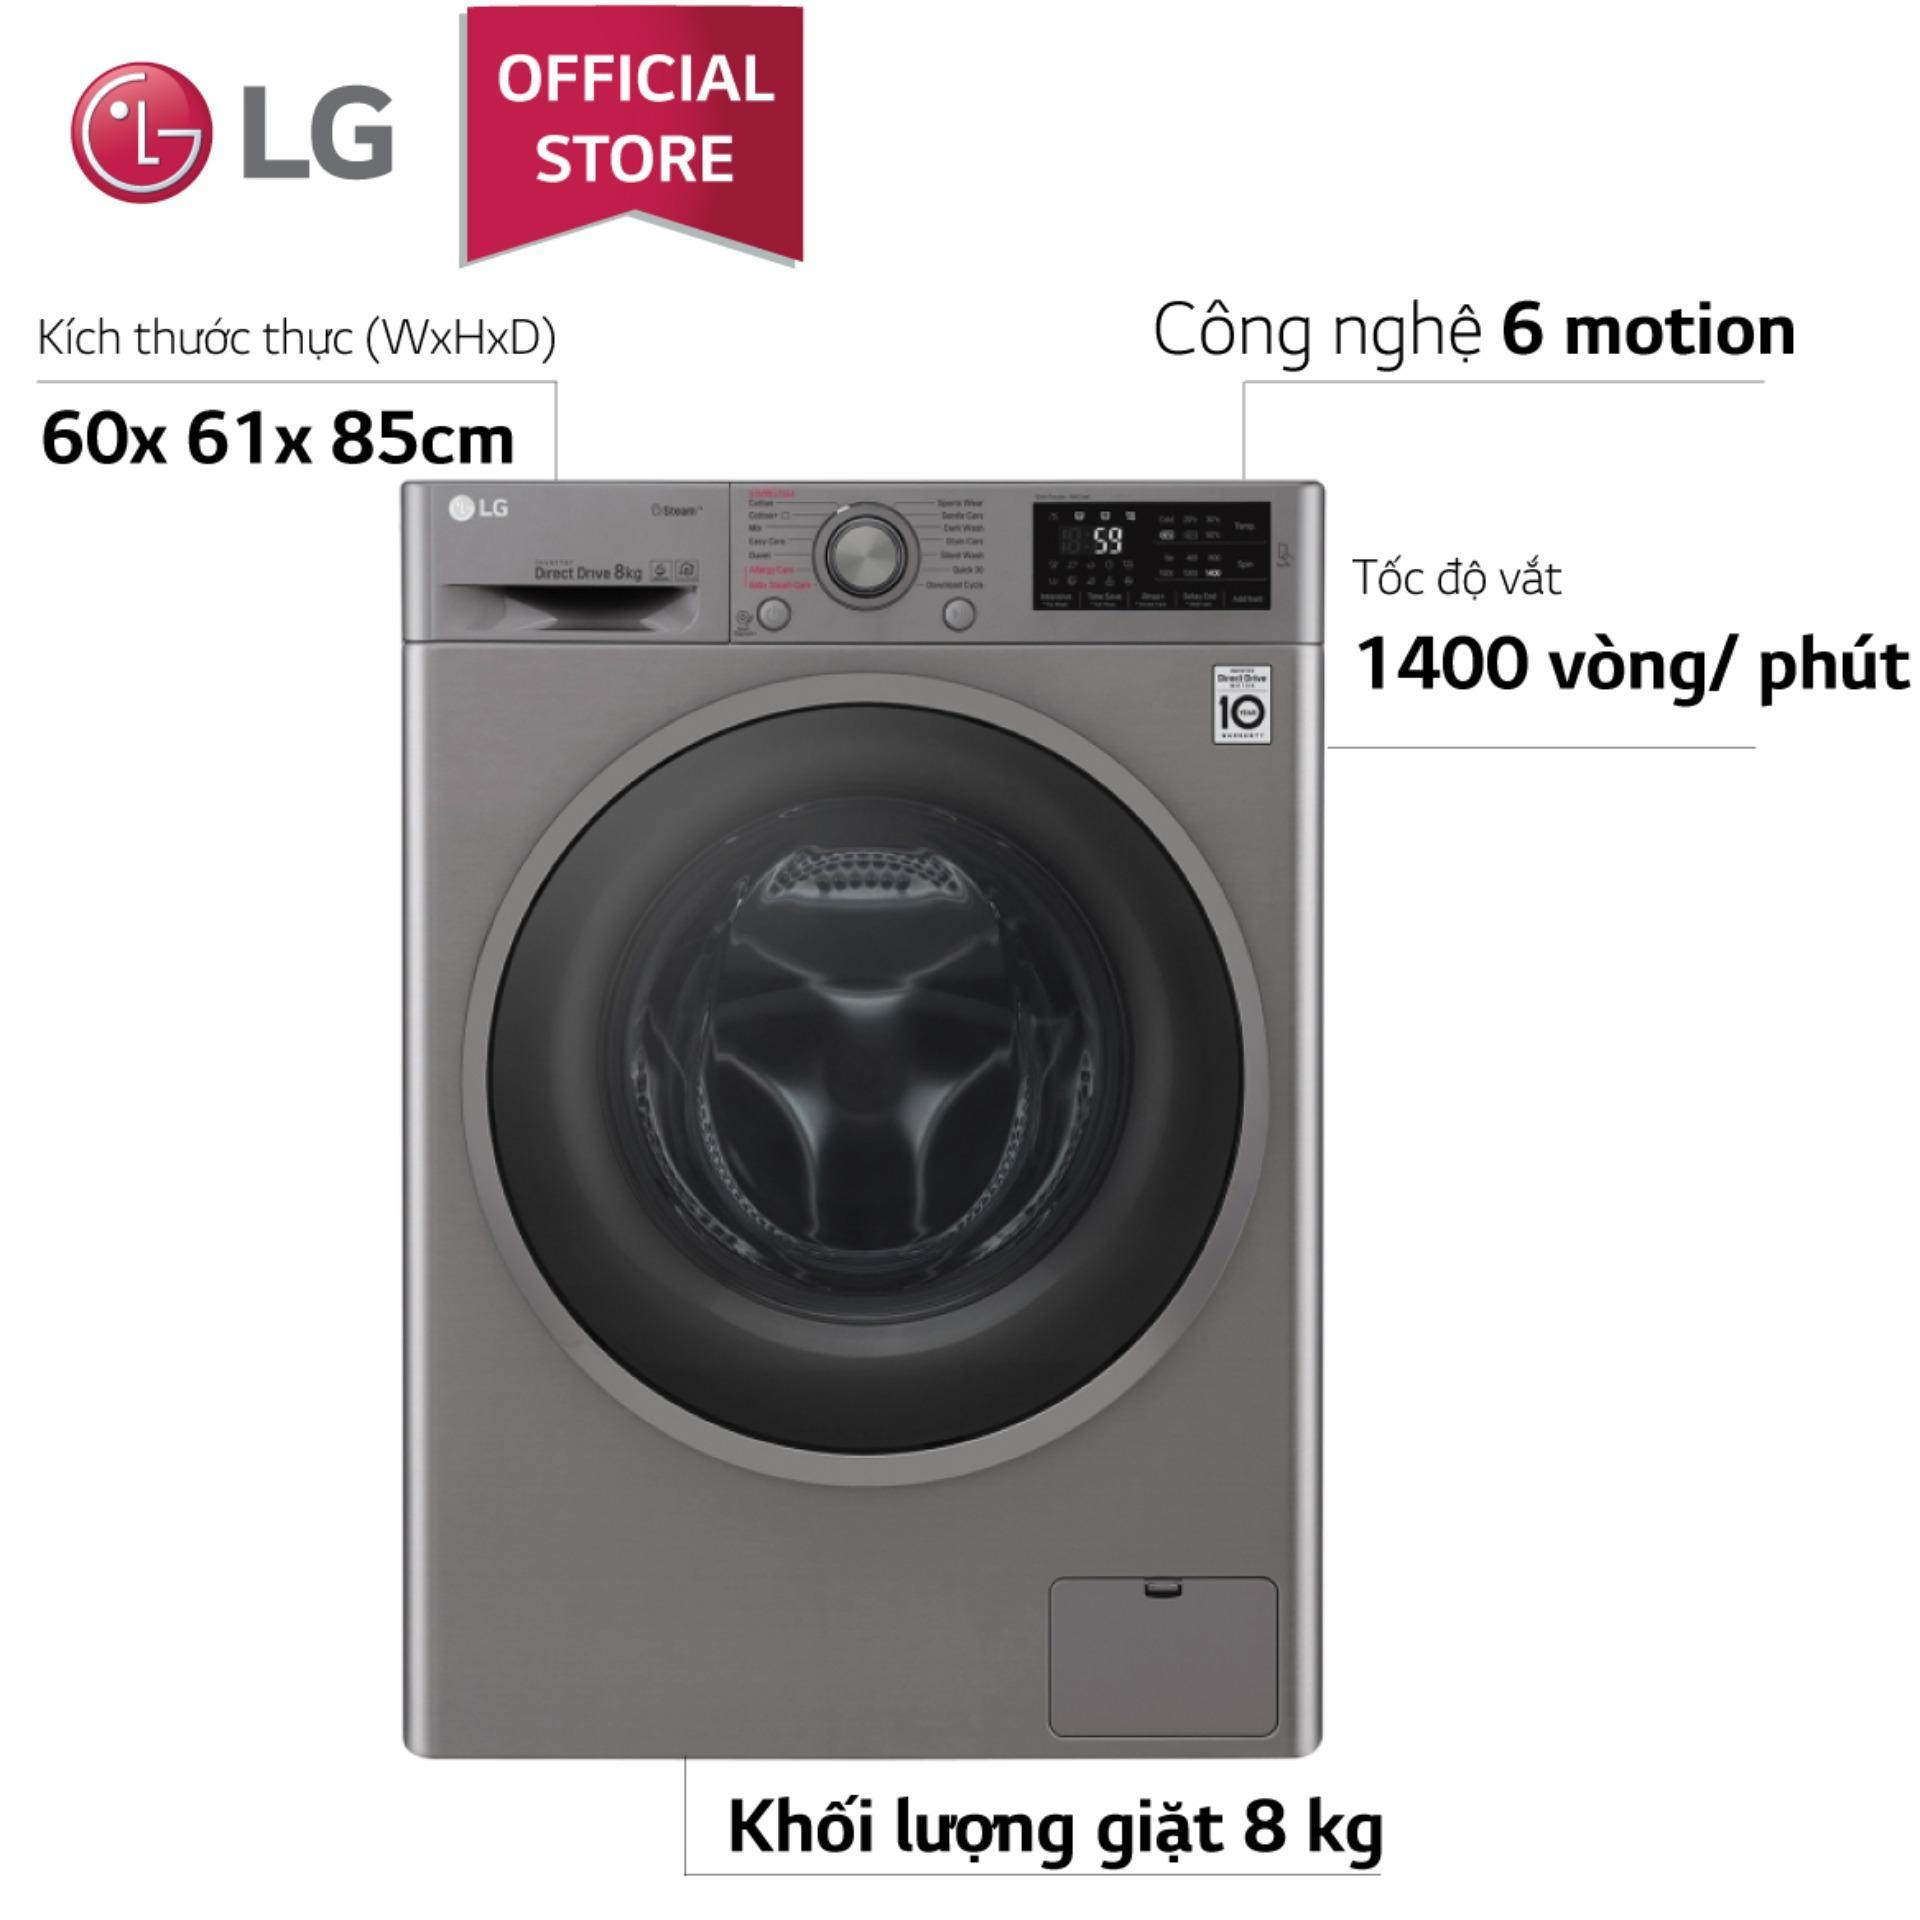 Máy Giặt LG Inverter cửa trước FC1408S3E 8kg - Hàng phân phối chính hãng, tiết kiệm điện